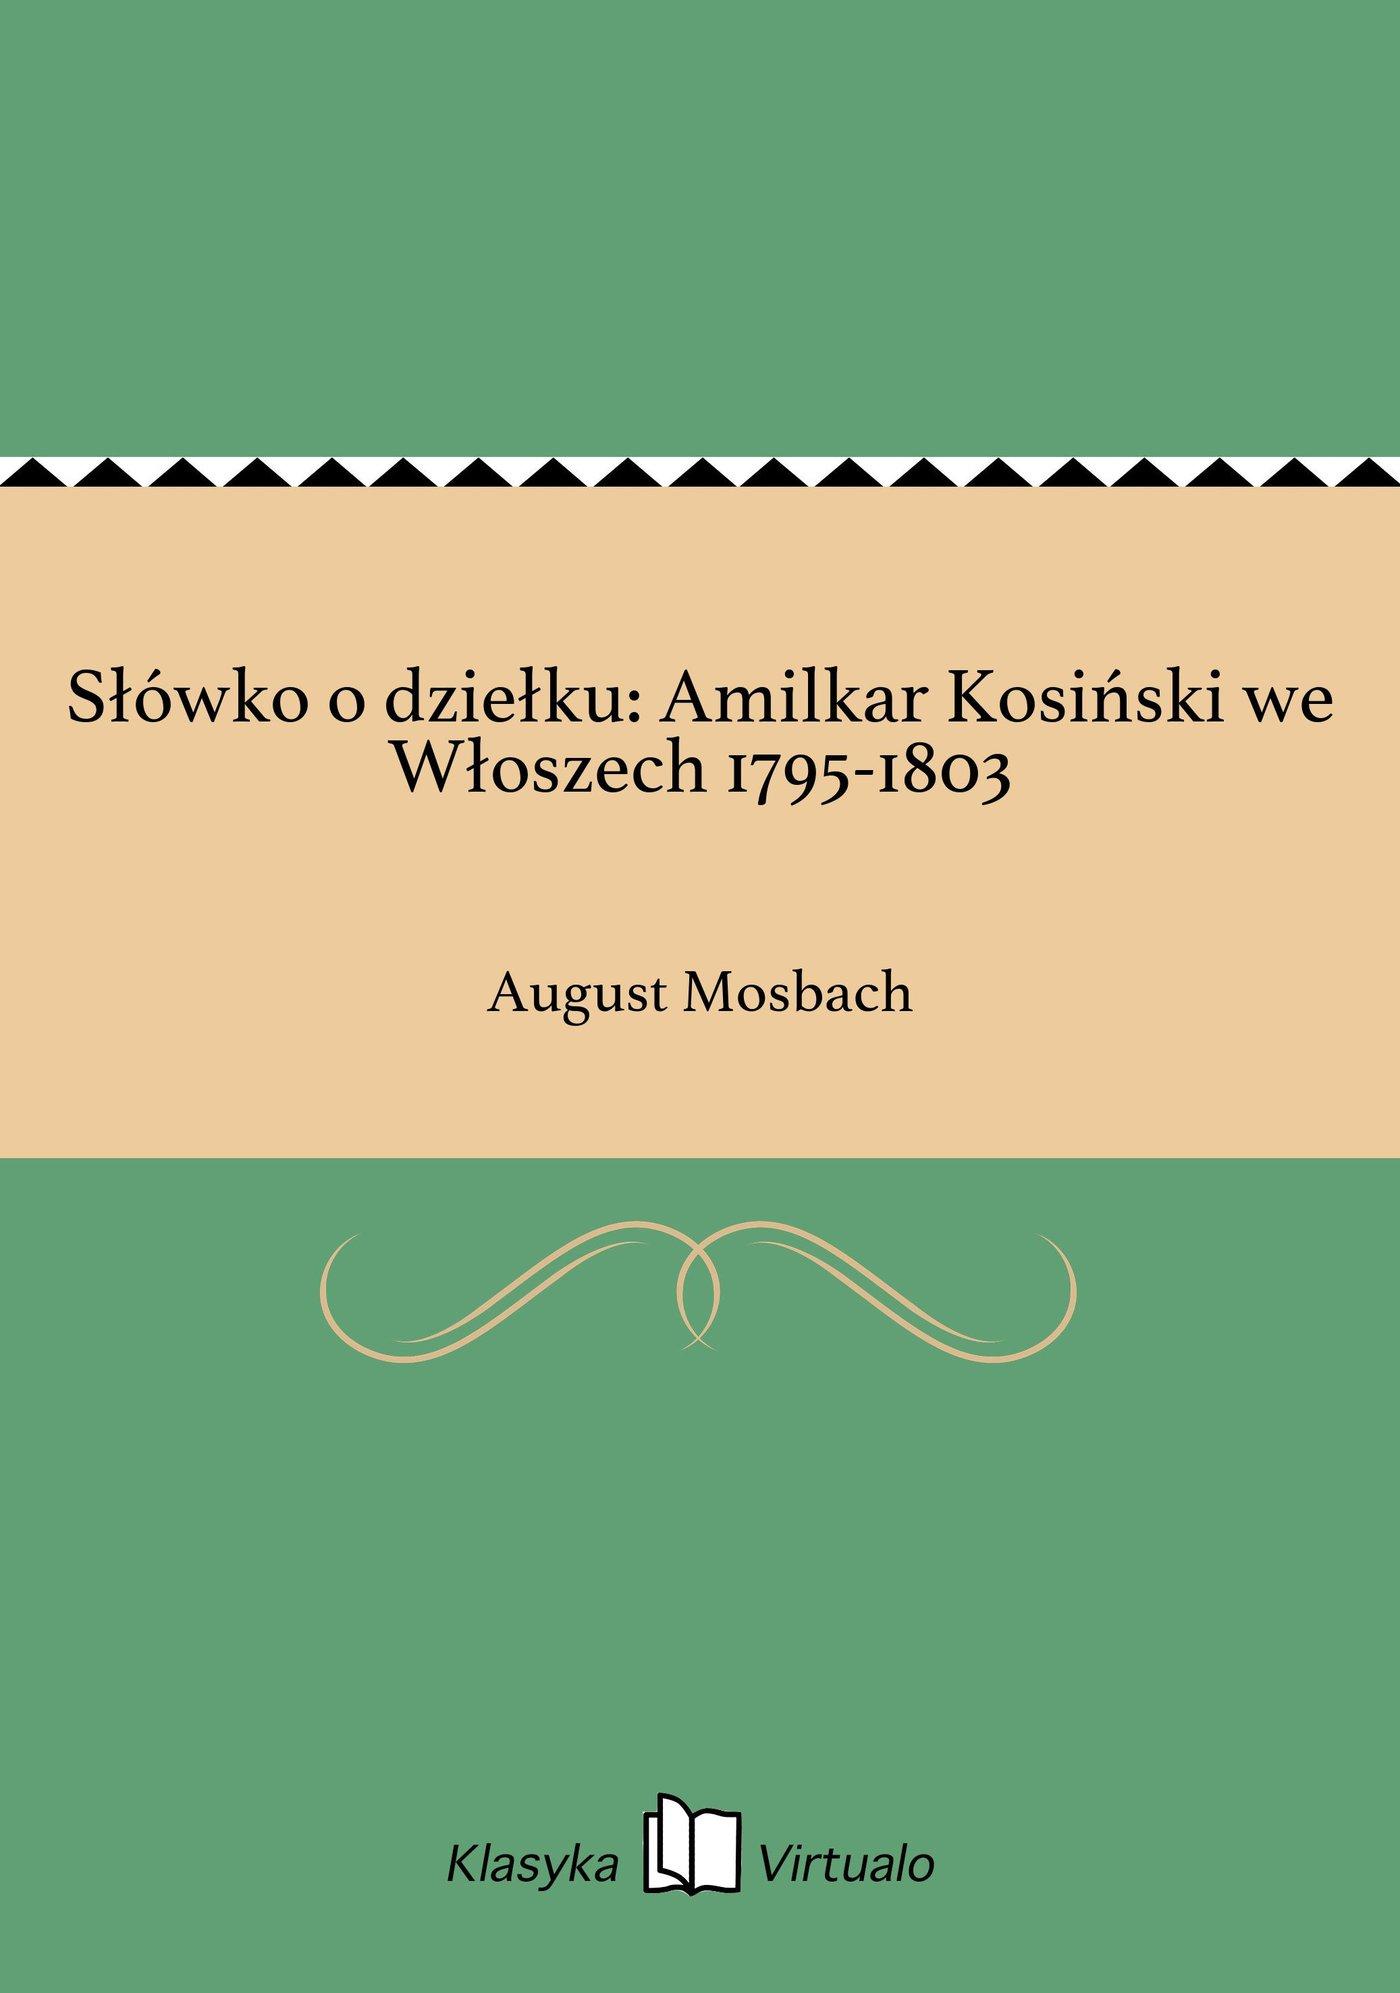 Słówko o dziełku: Amilkar Kosiński we Włoszech 1795-1803 - Ebook (Książka EPUB) do pobrania w formacie EPUB